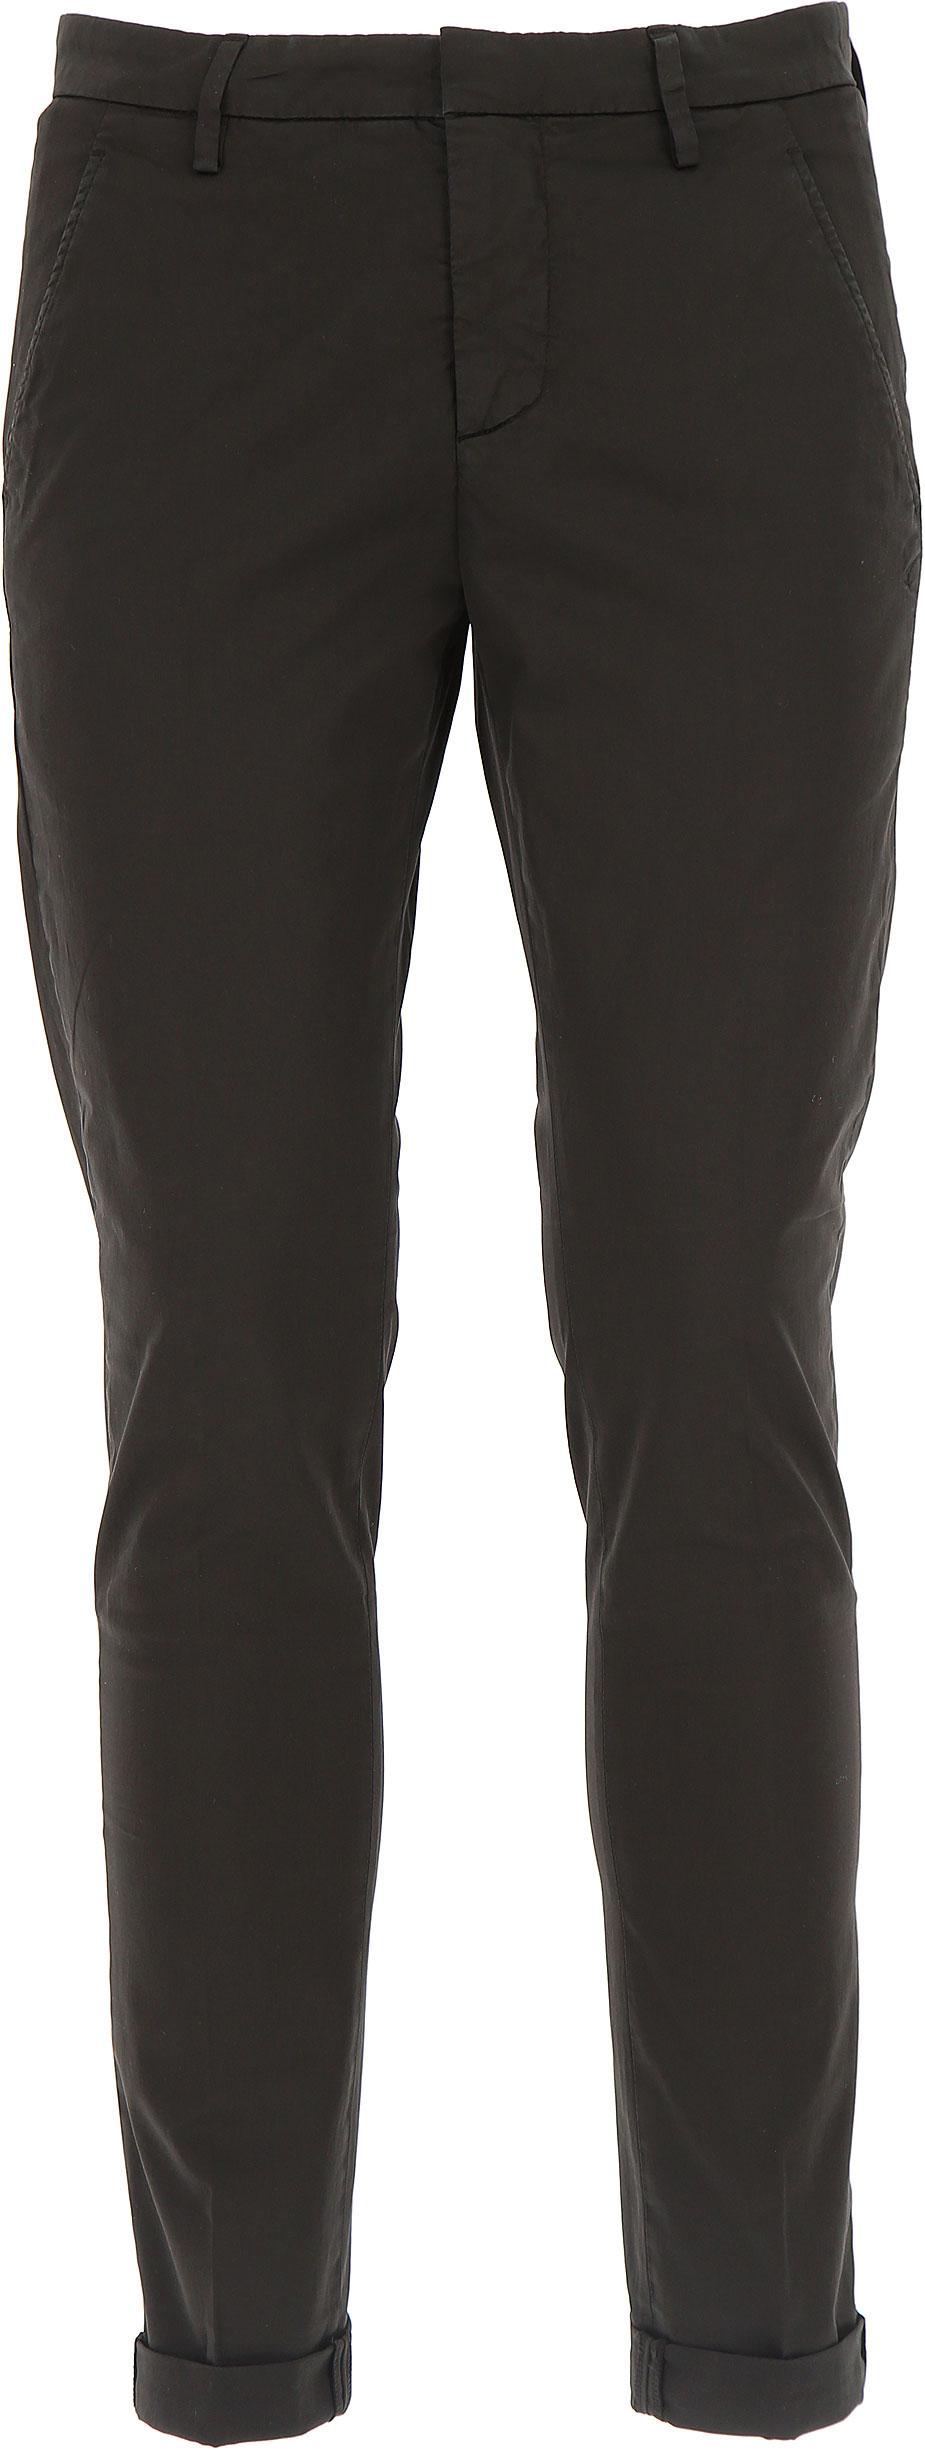 Abbigliamento Uomo Dondup, Codice Articolo: up235-rs030u-ptd